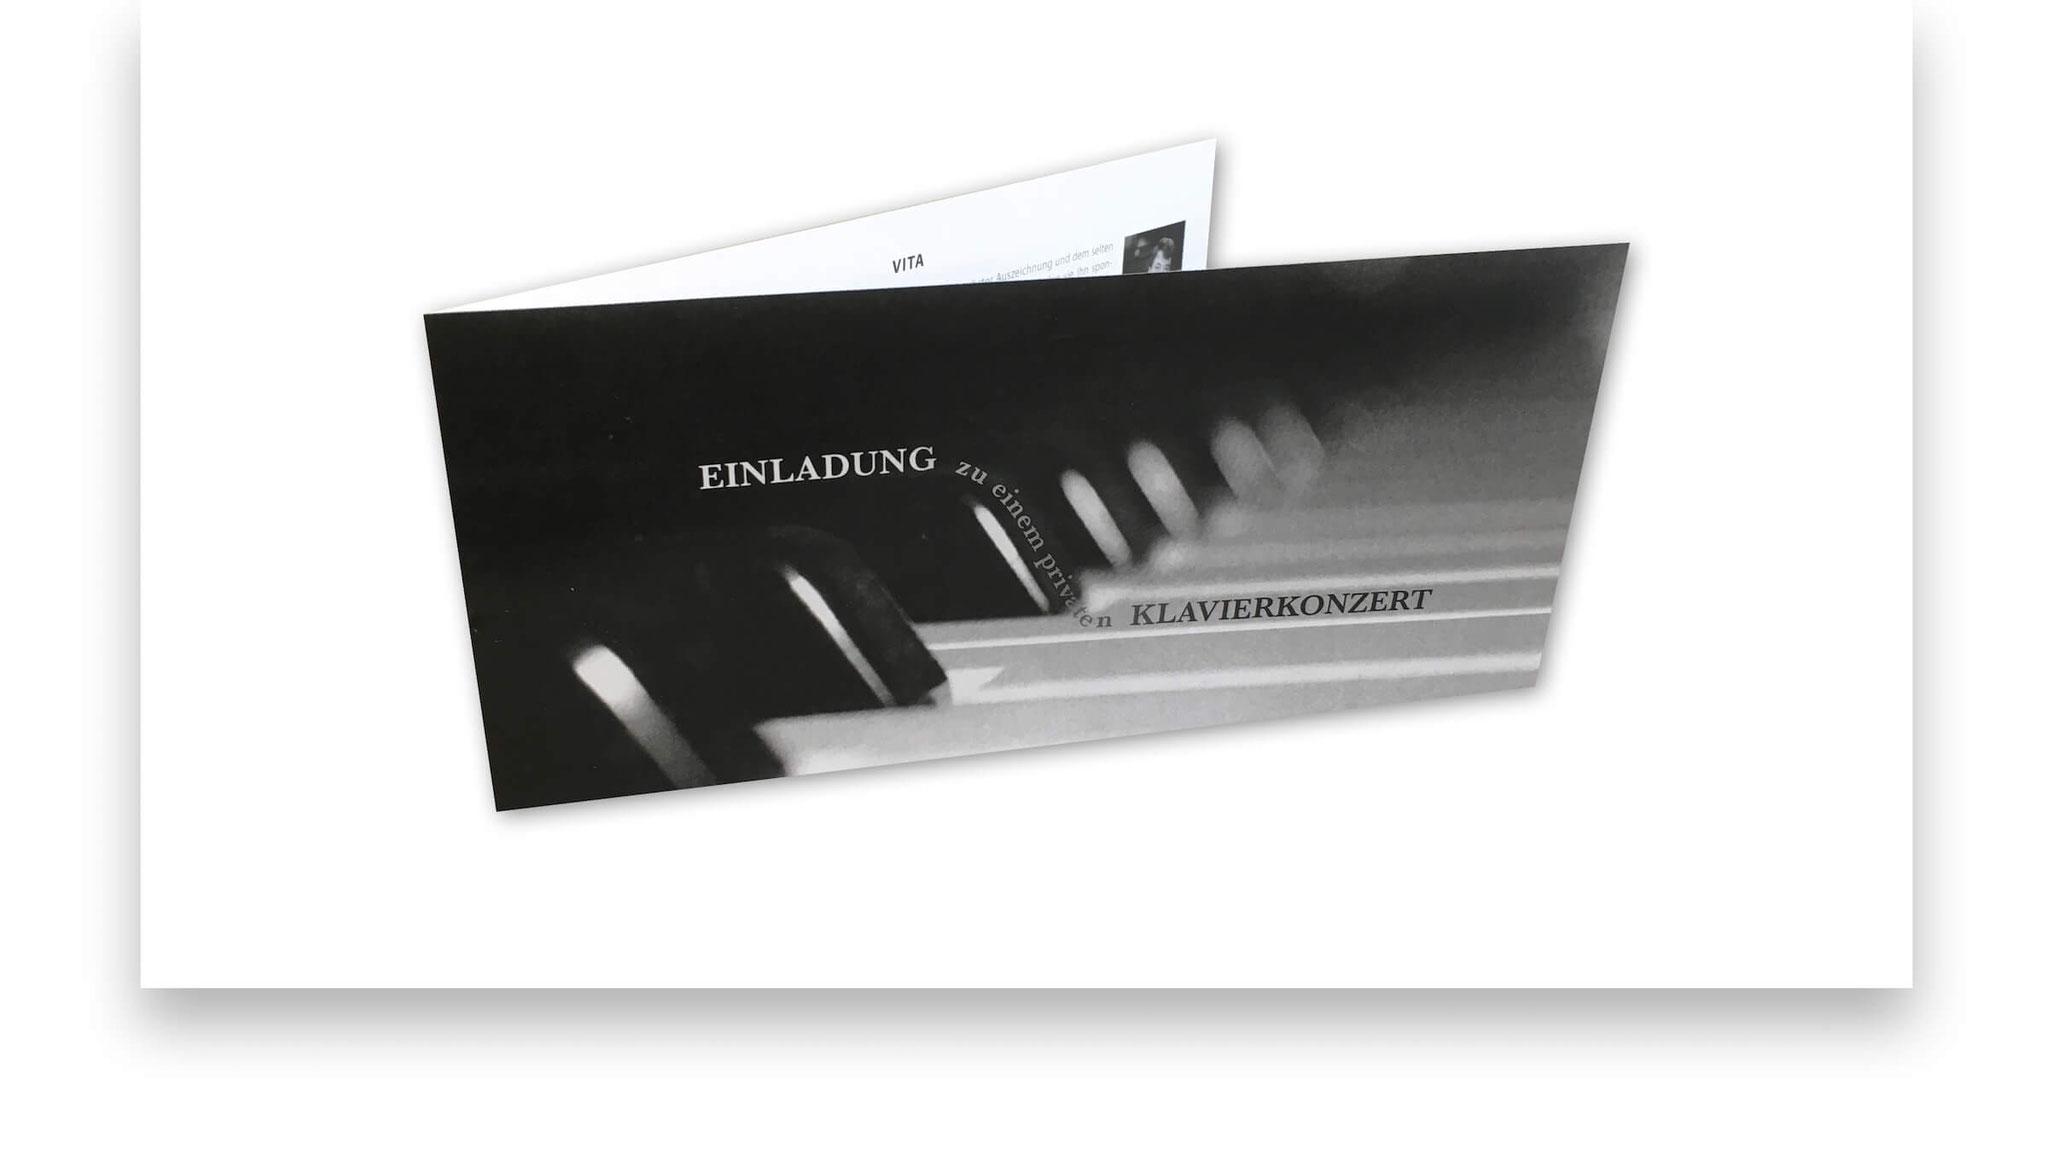 Private Einladungskarte zu einem Hauskonzert.